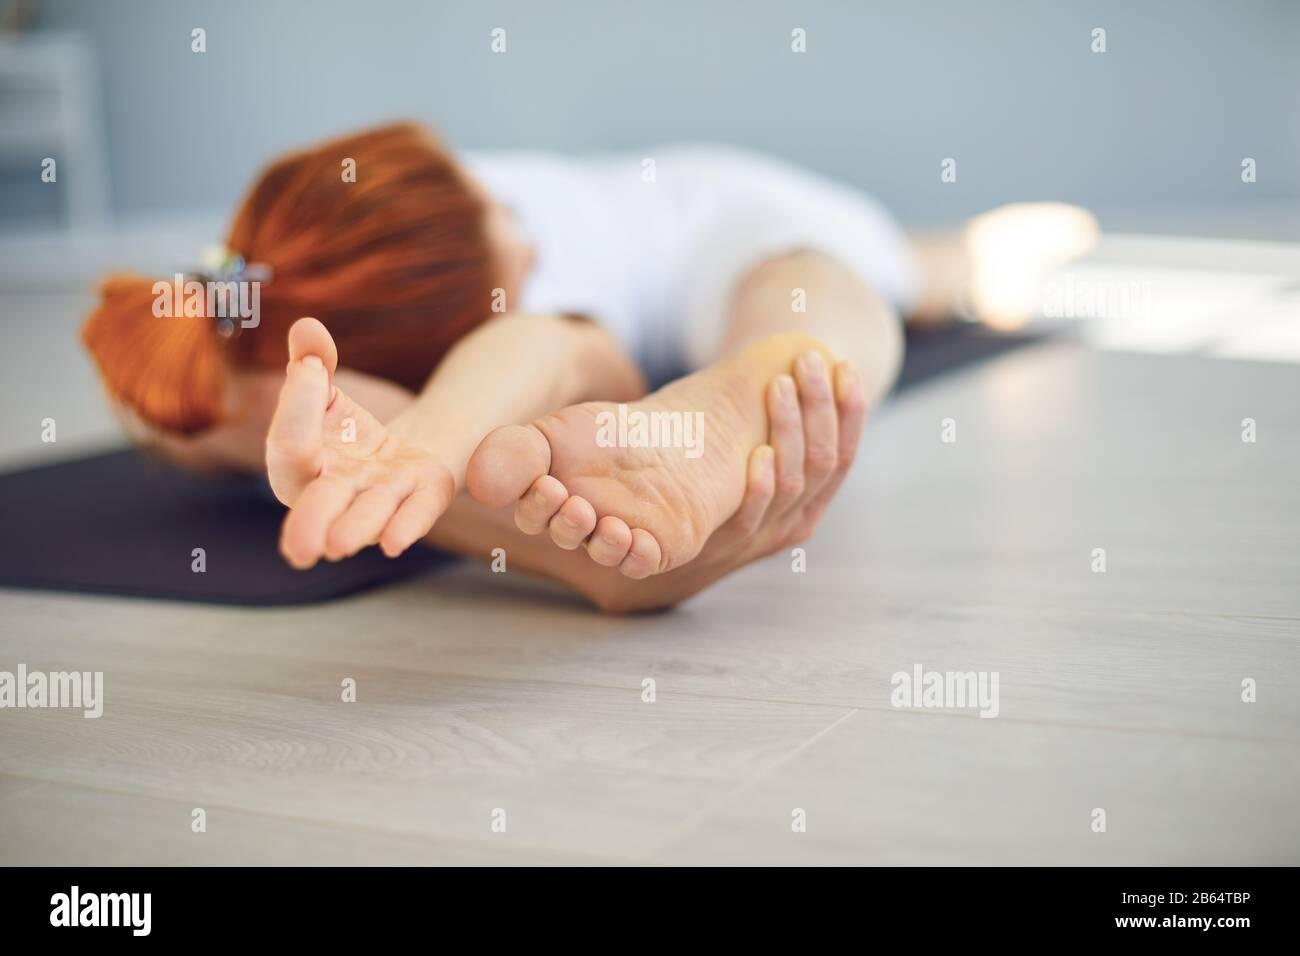 Yoga chica. El concepto de un estilo de vida activo de deportes vida deportes fitness yoga pilates meditación relajación gimnasio. Foto de stock